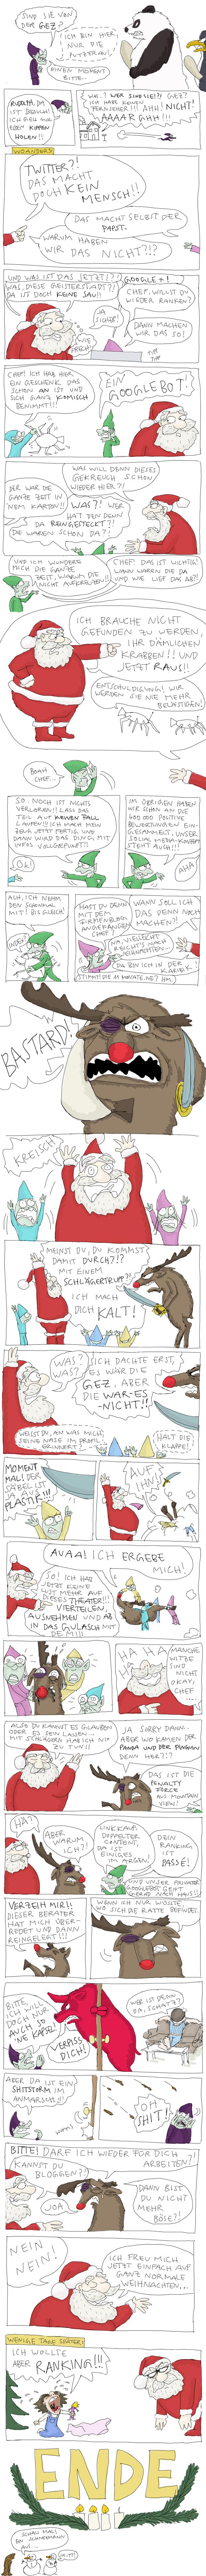 Eine SEO Weihnachtsgeschichte von Tobias Kerstin